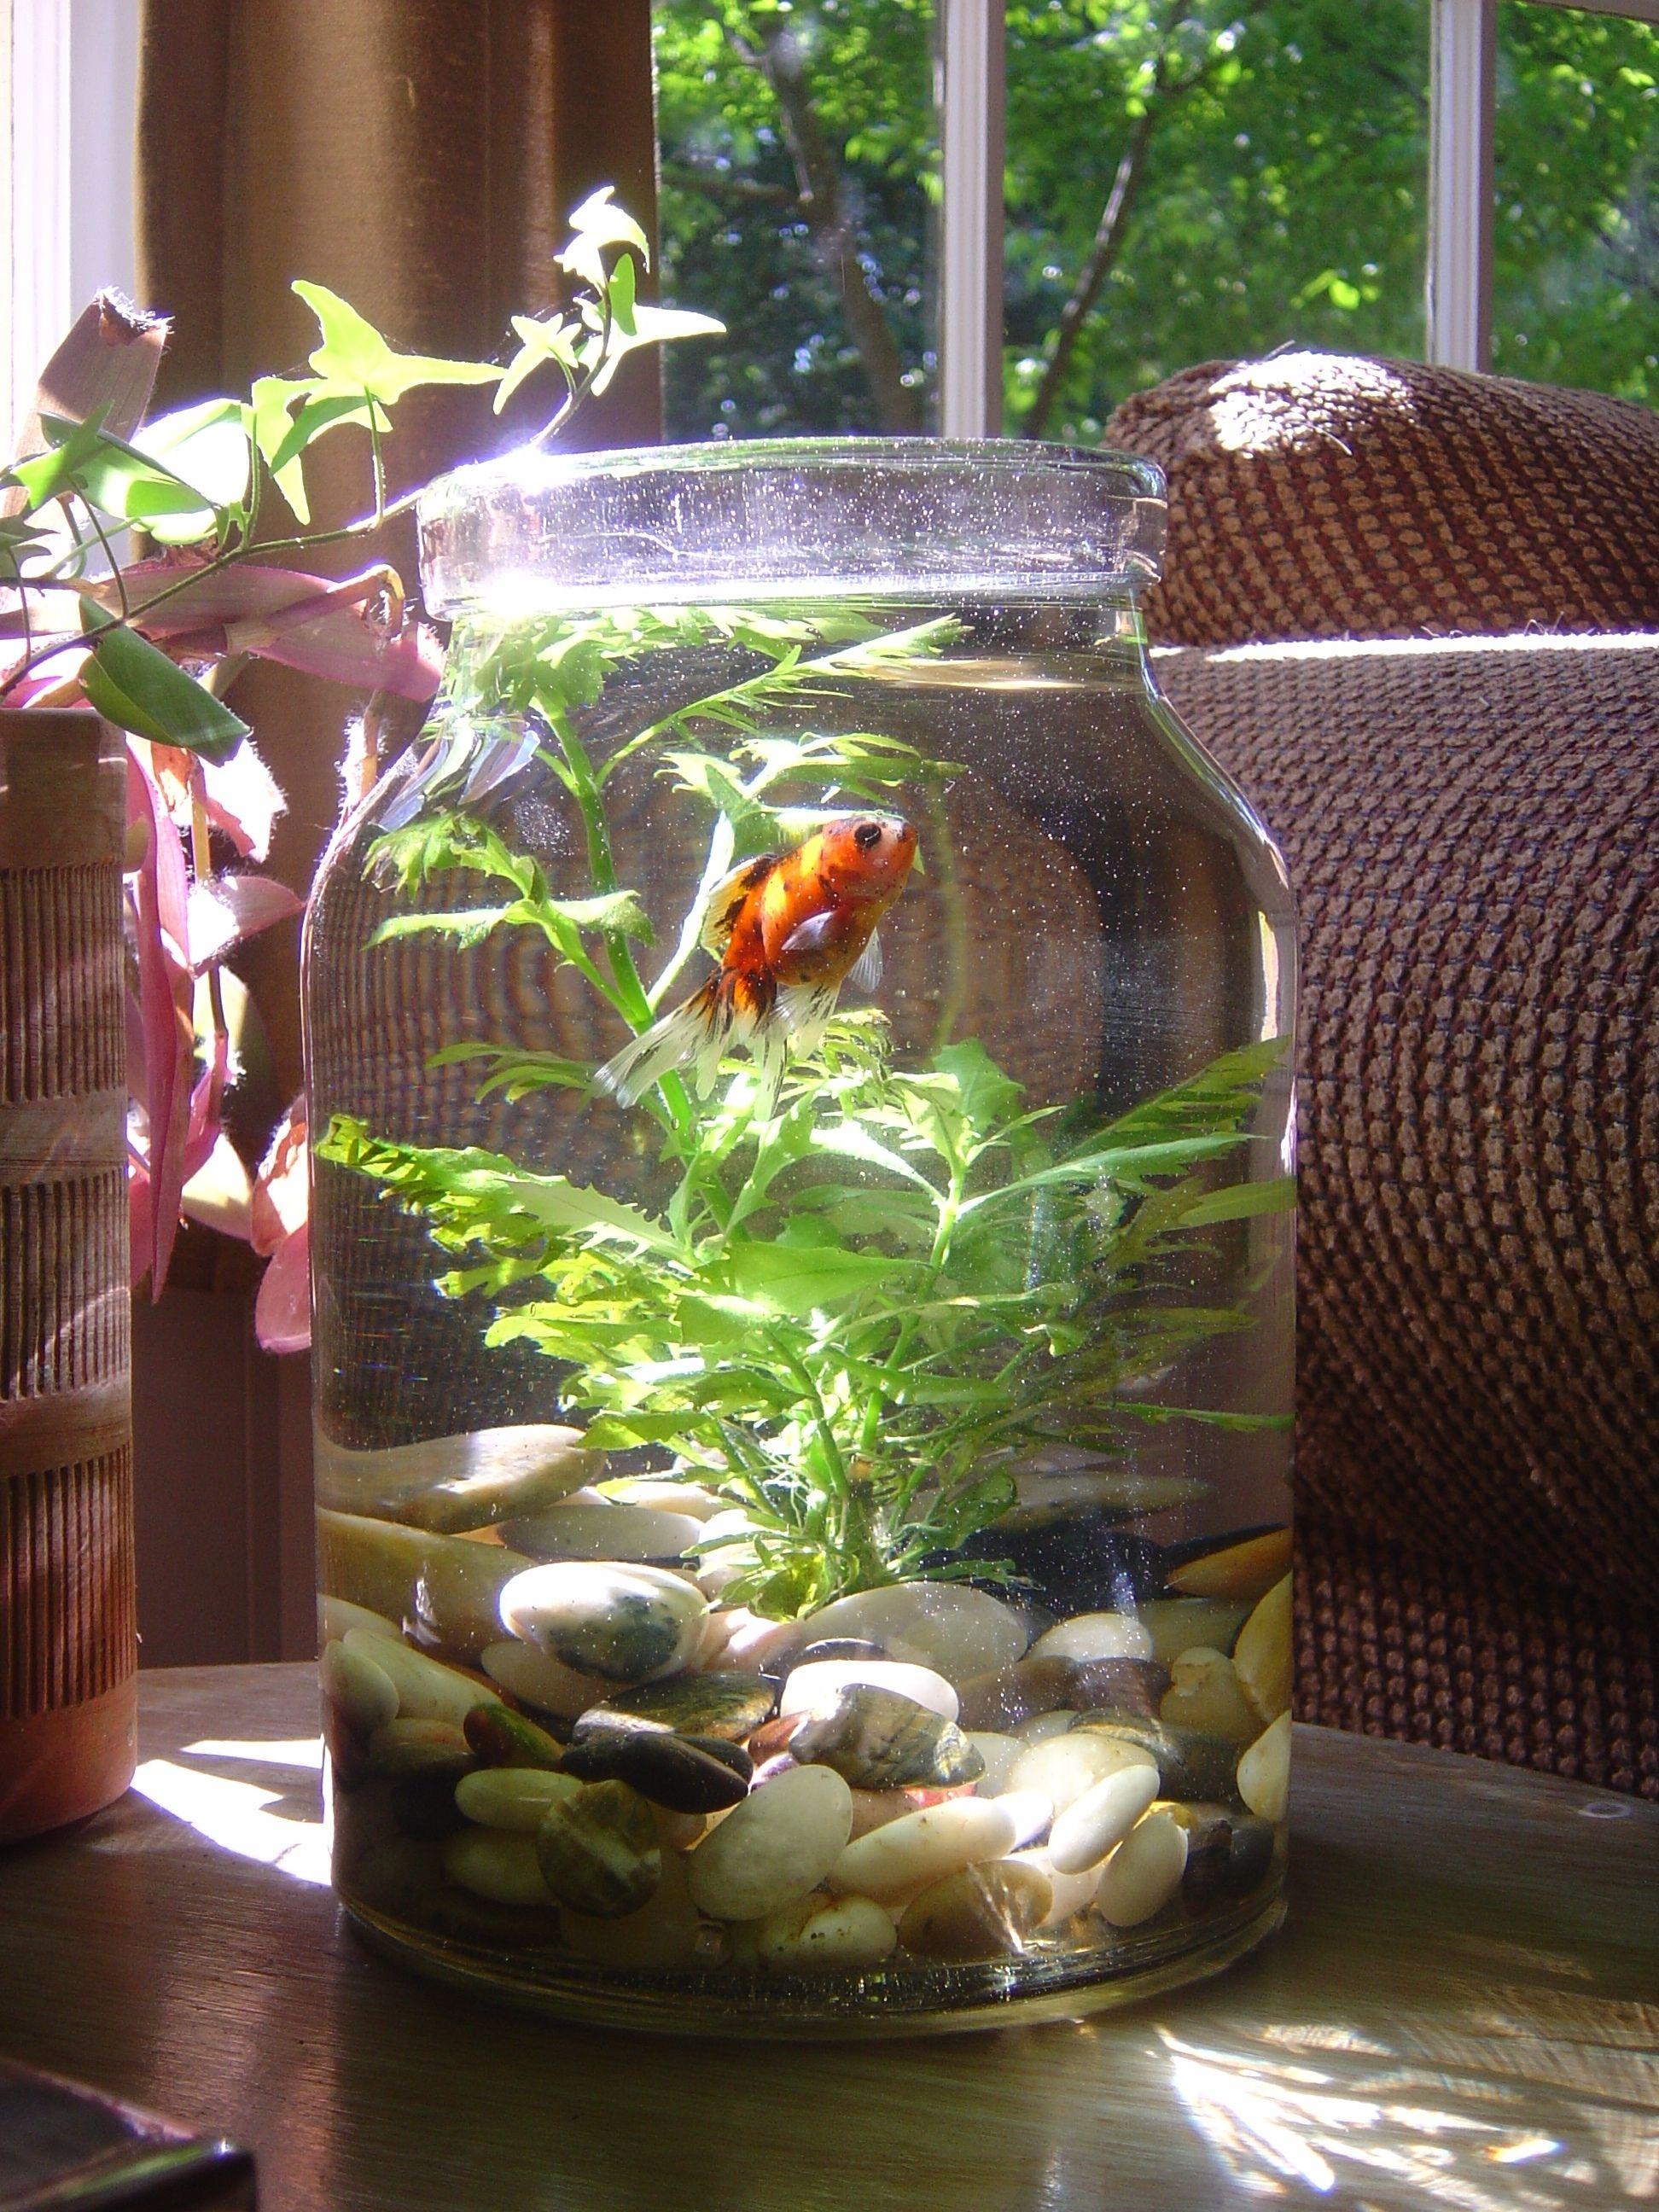 Makes me happy monday my fish bowl jar fish and shop